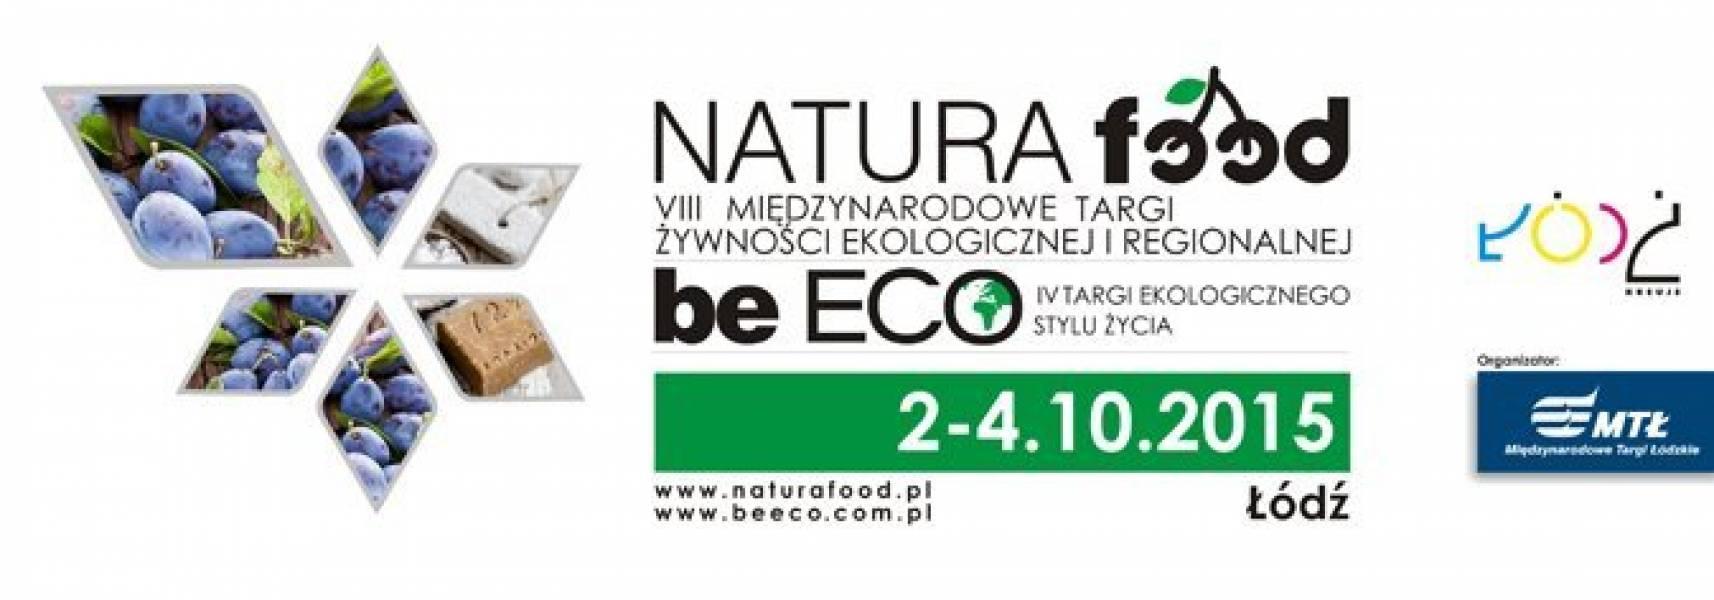 Zaproszenie na Międzynarodowe Targi Żywności Ekologicznej i Regionalnej NATURA FOOD 2015